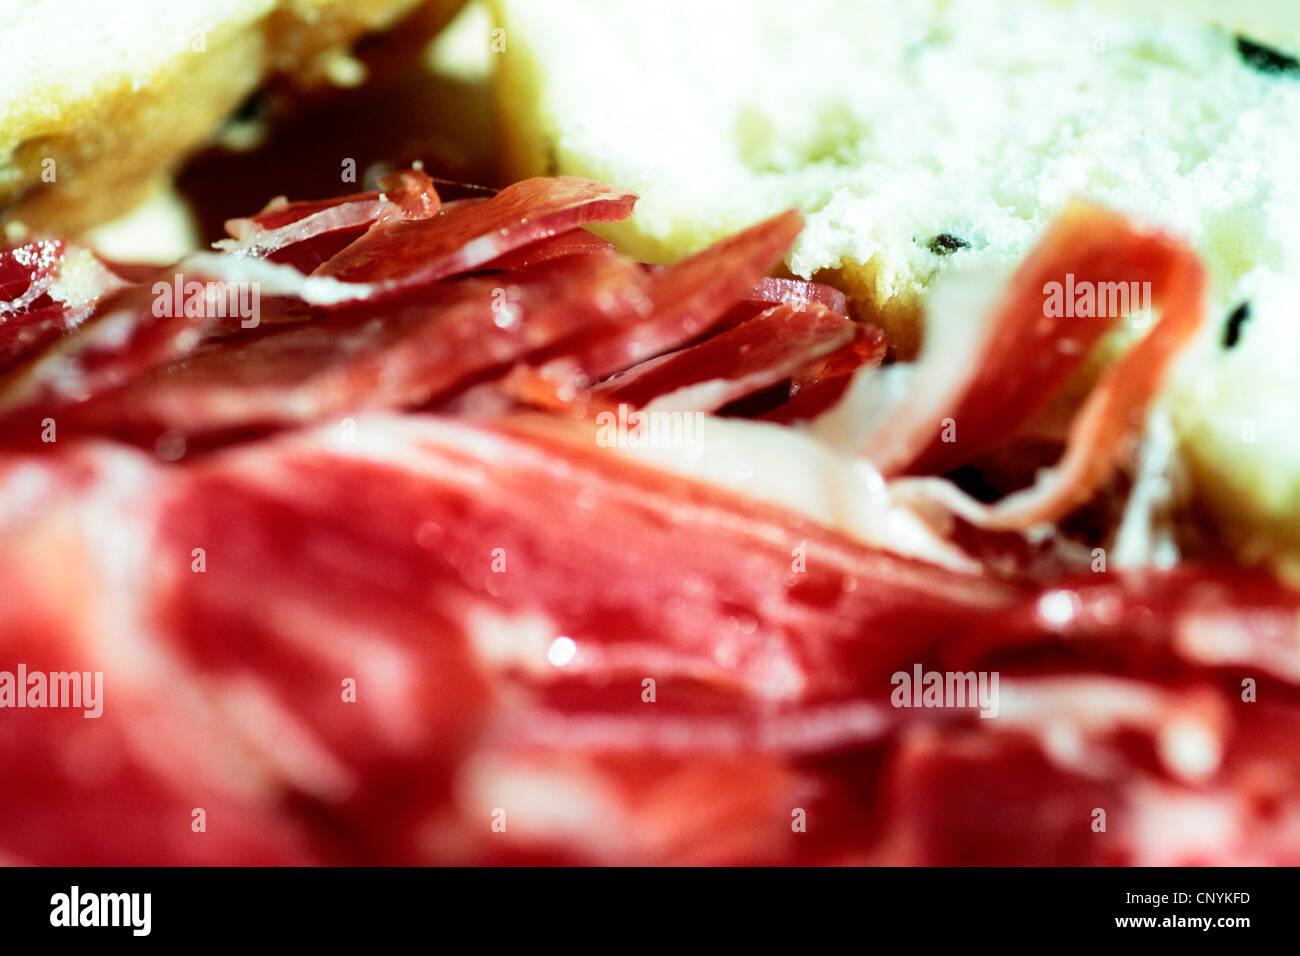 Péninsule ibérique, de l'alimentation, cochon, serrano, viande, gastronomie, épicerie fine, dehesa, Photo Stock